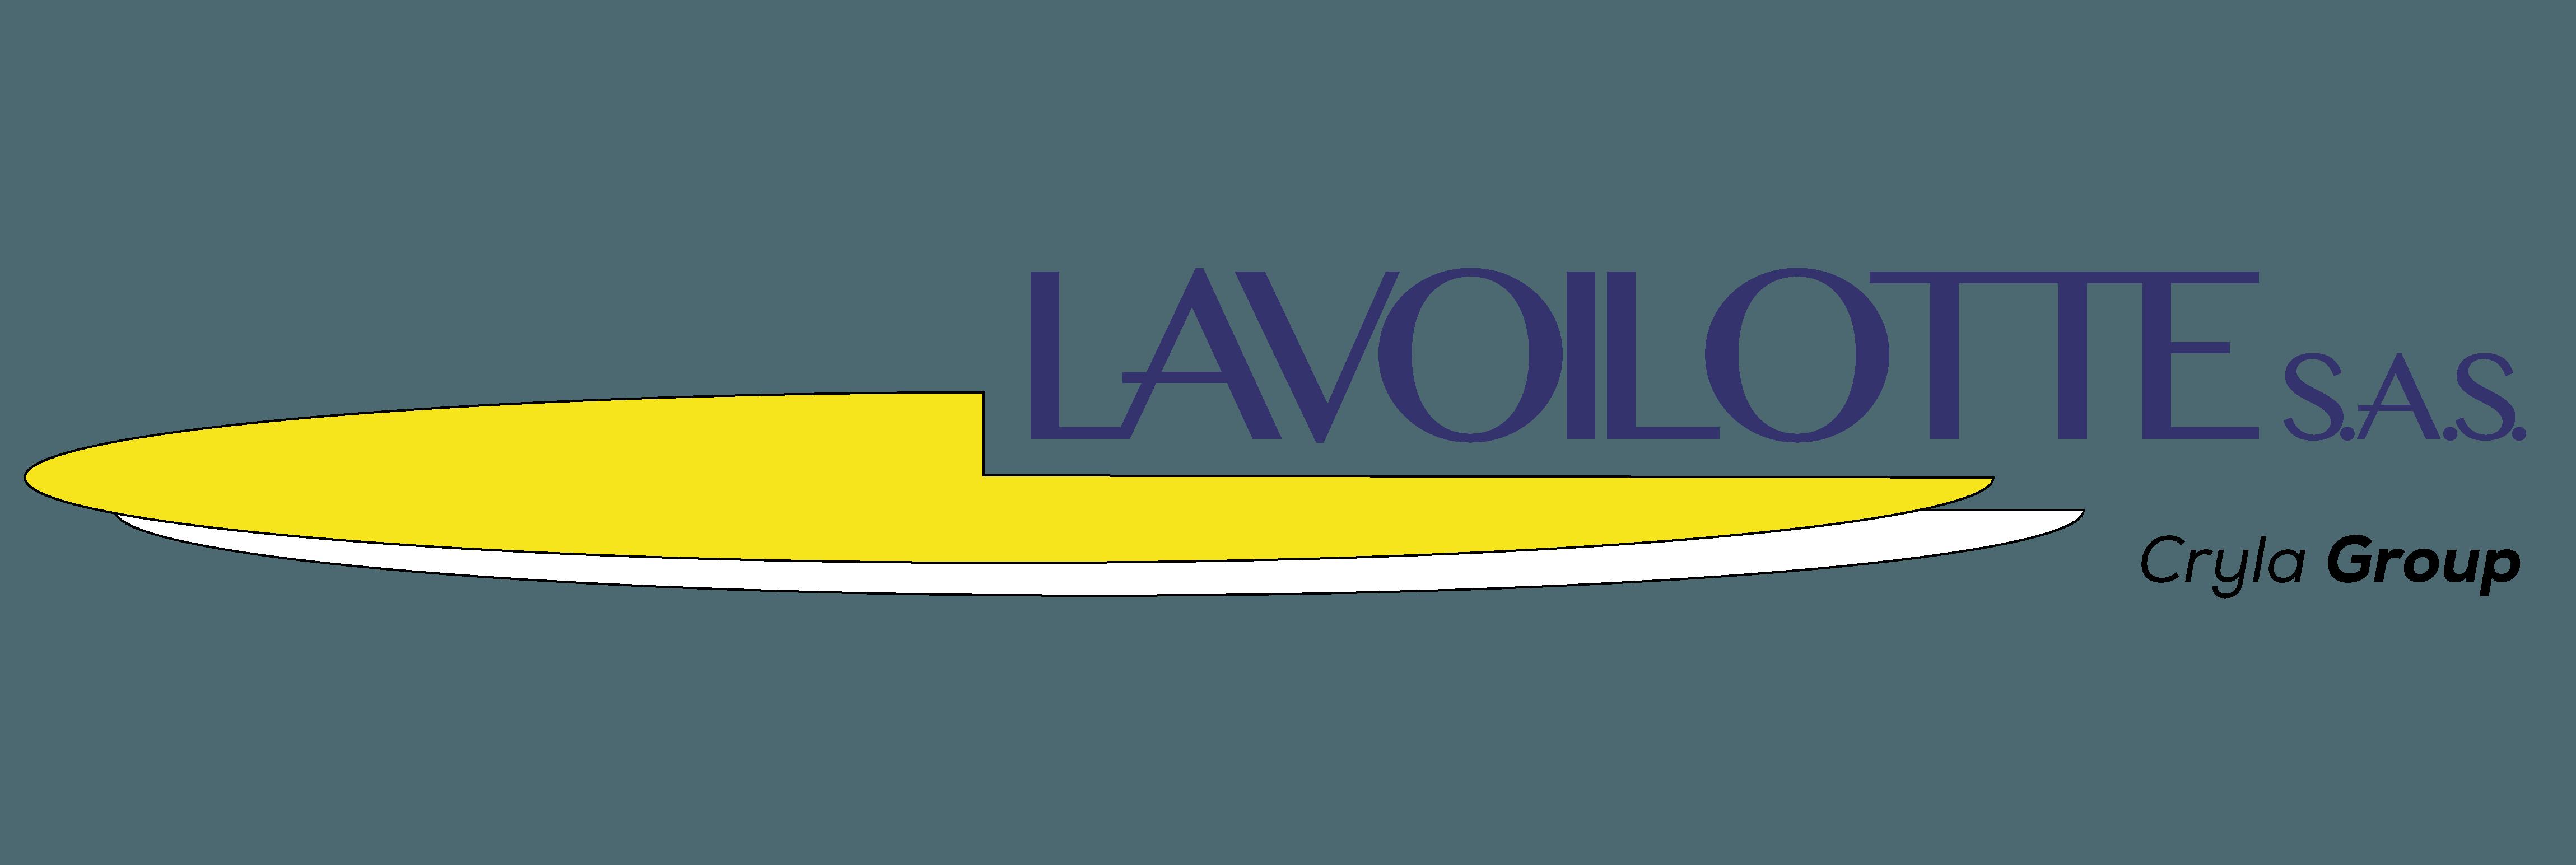 Logo Lavoilotte Filiale de Cryla Group à Besançon